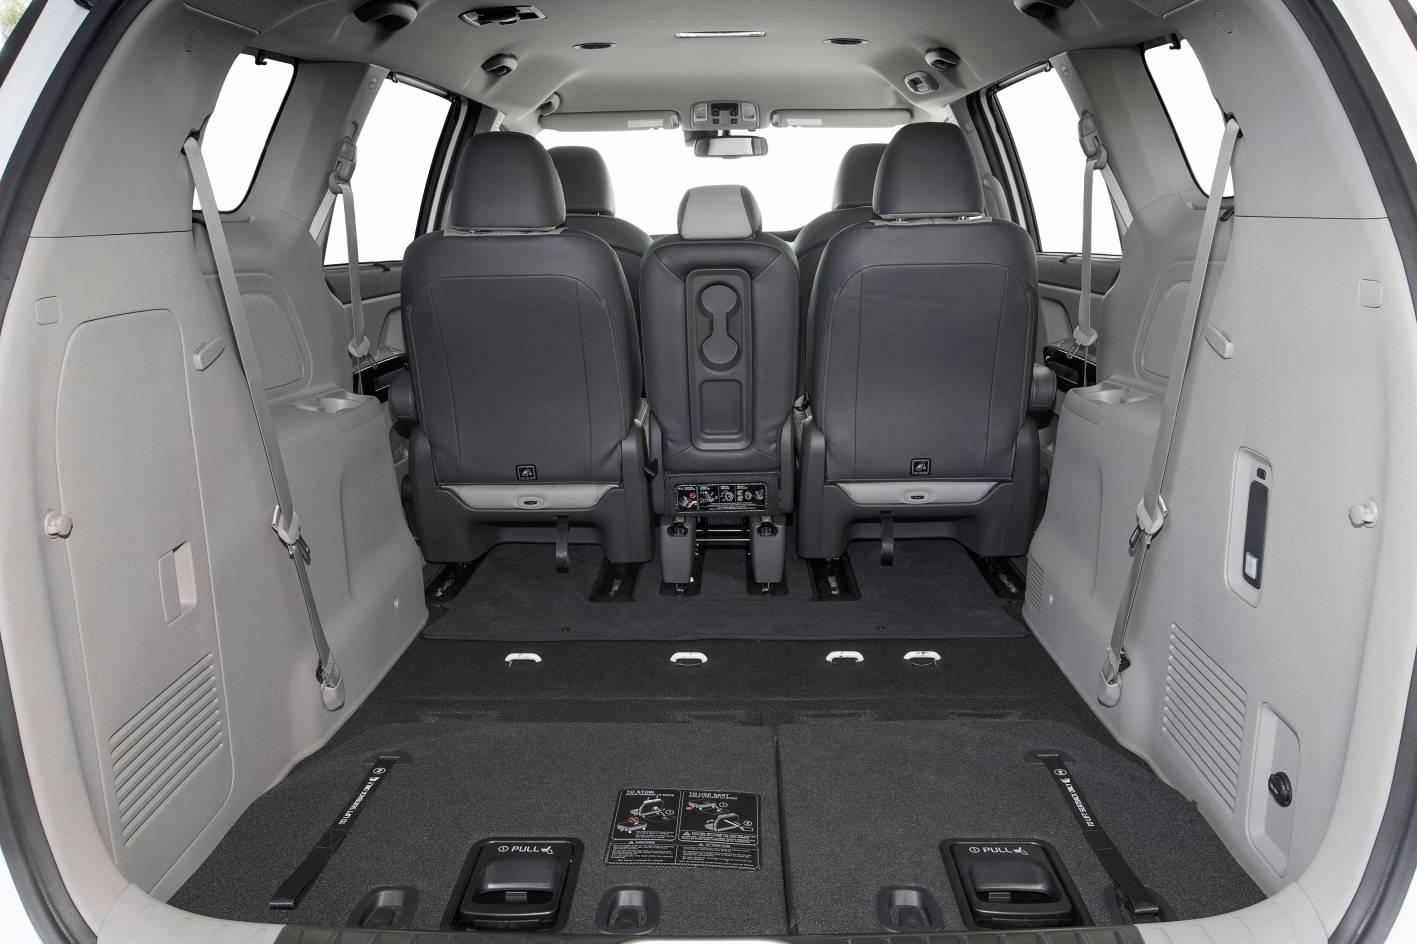 2016 Kia Carnival cargo - 5 seater.jpg